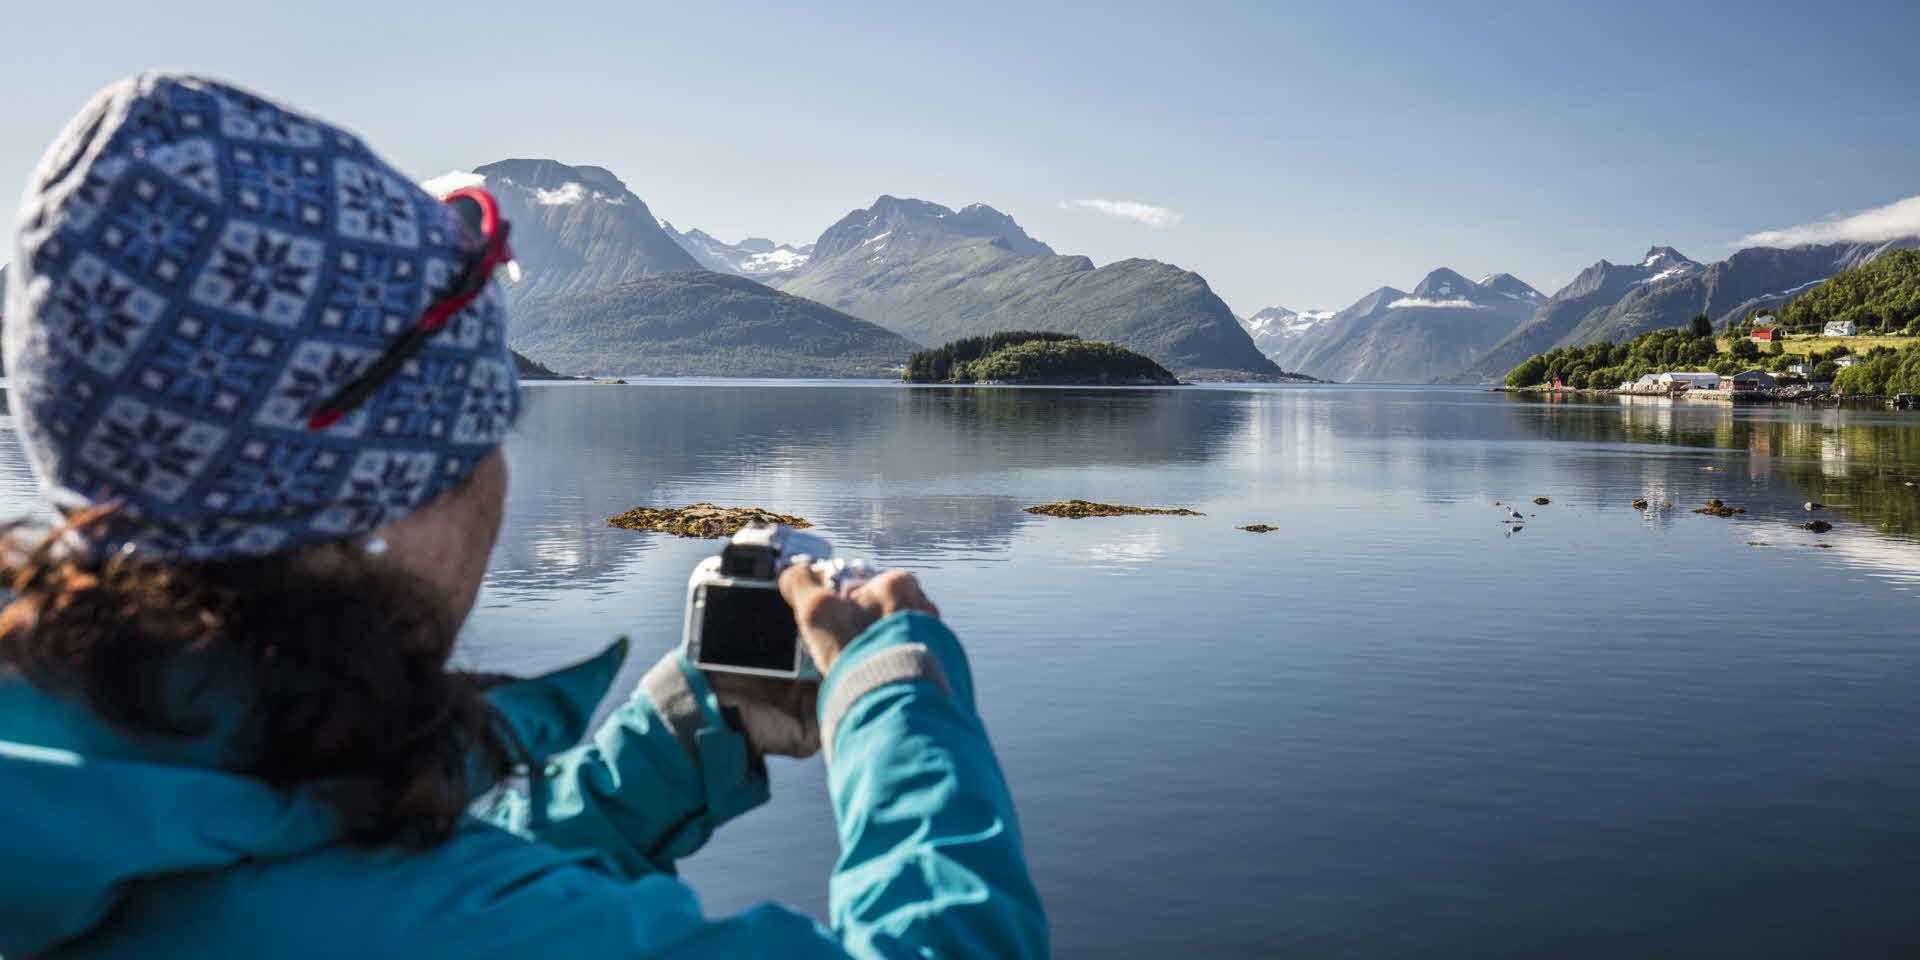 フィヨルドクルーズ船上で写真を撮る女性 ヨルンフィヨルド(hjørundfjord) 美しいフィヨルド